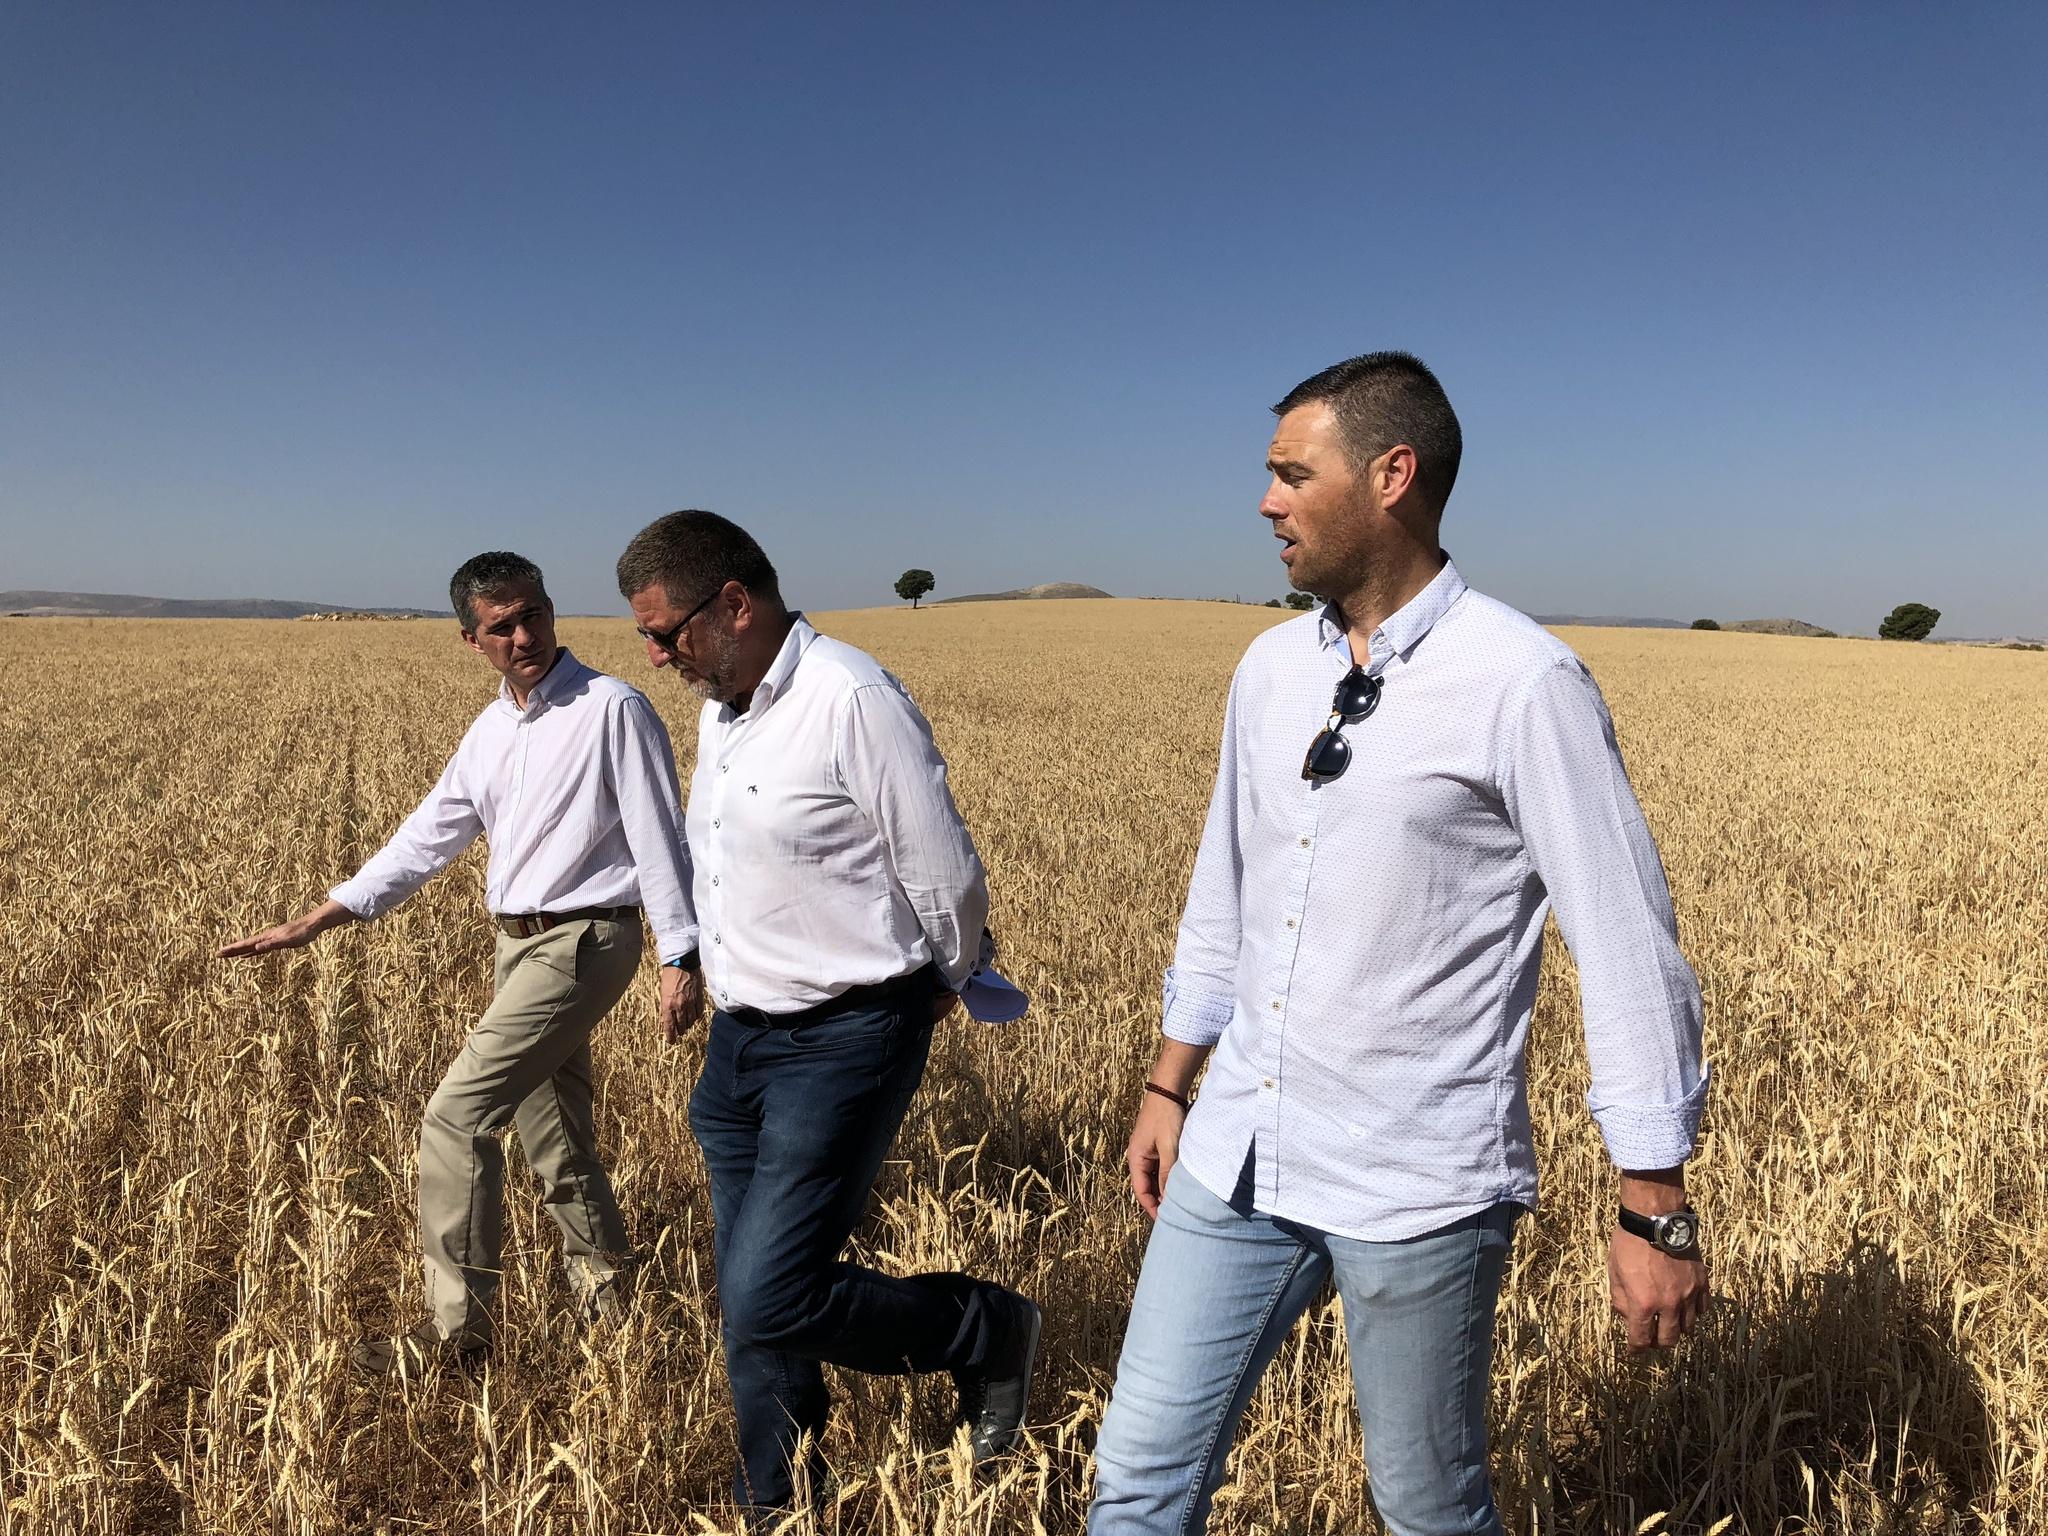 El consejero Miguel Ángel del Amor durante su visita a una finca beneficiaria de las ayudas europeas agroambientales. Imagen: CARM